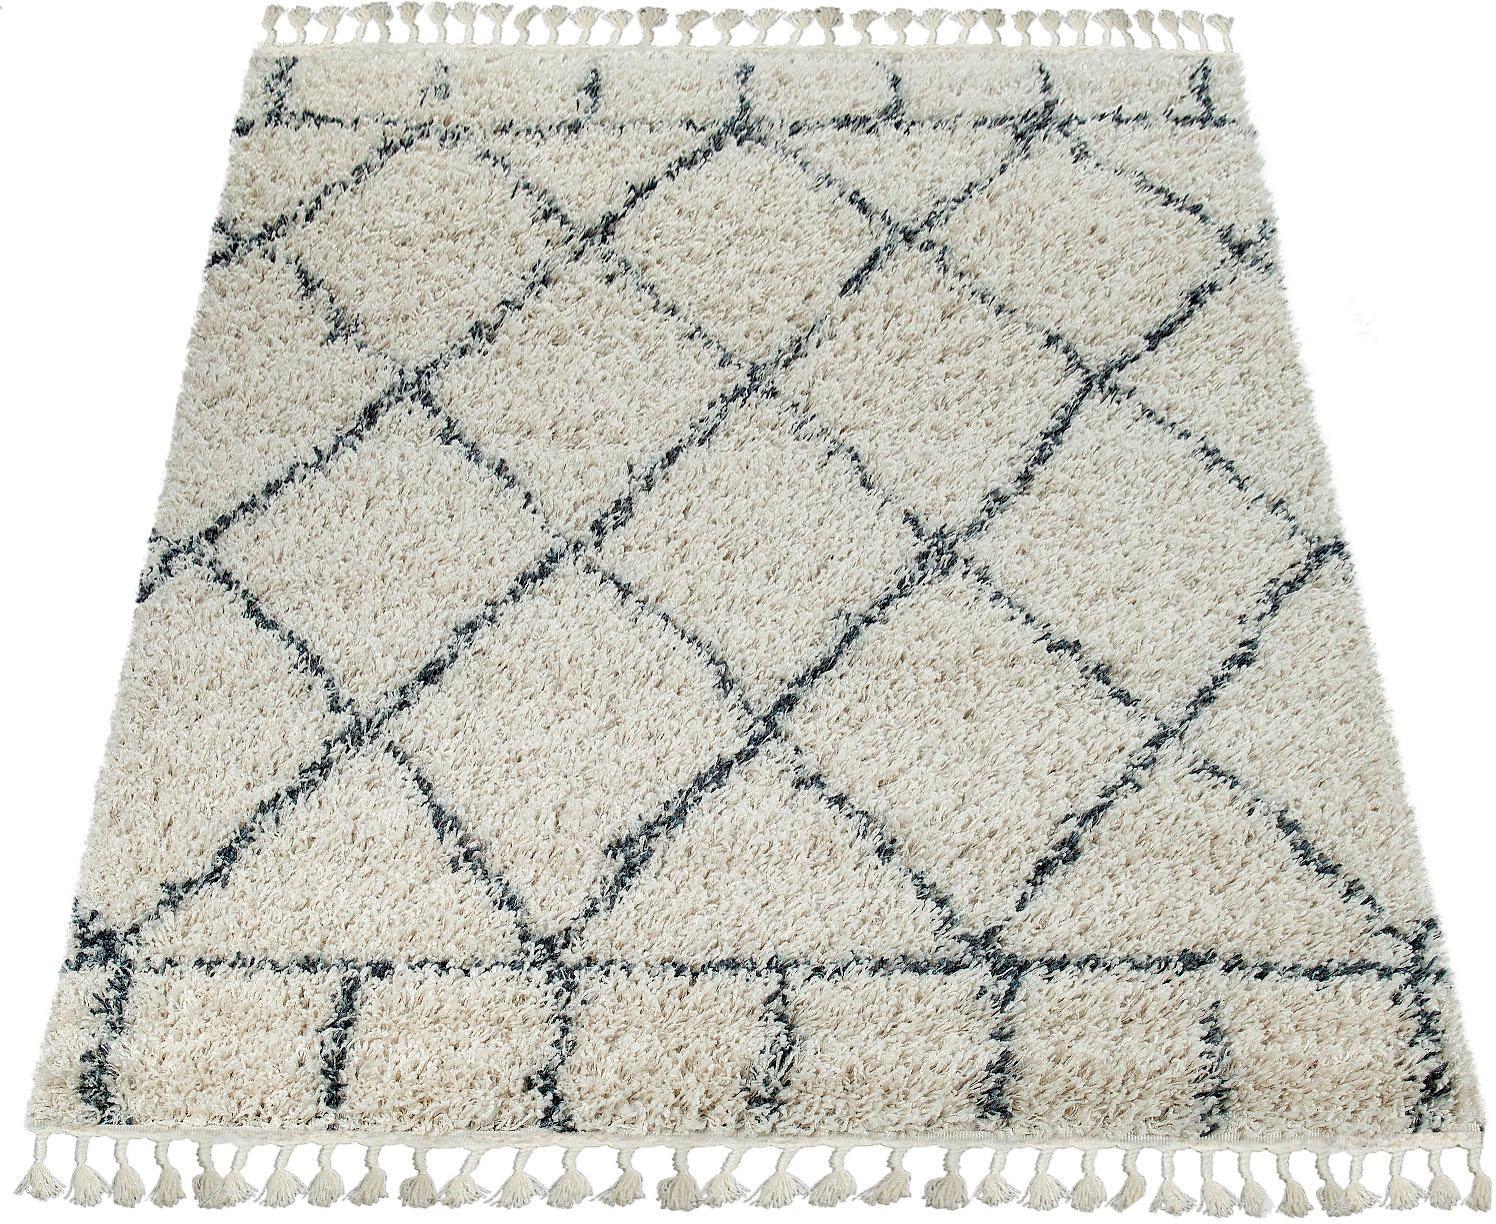 Teppich Nador 755 Paco Home rechteckig Höhe 55 mm maschinell gewebt